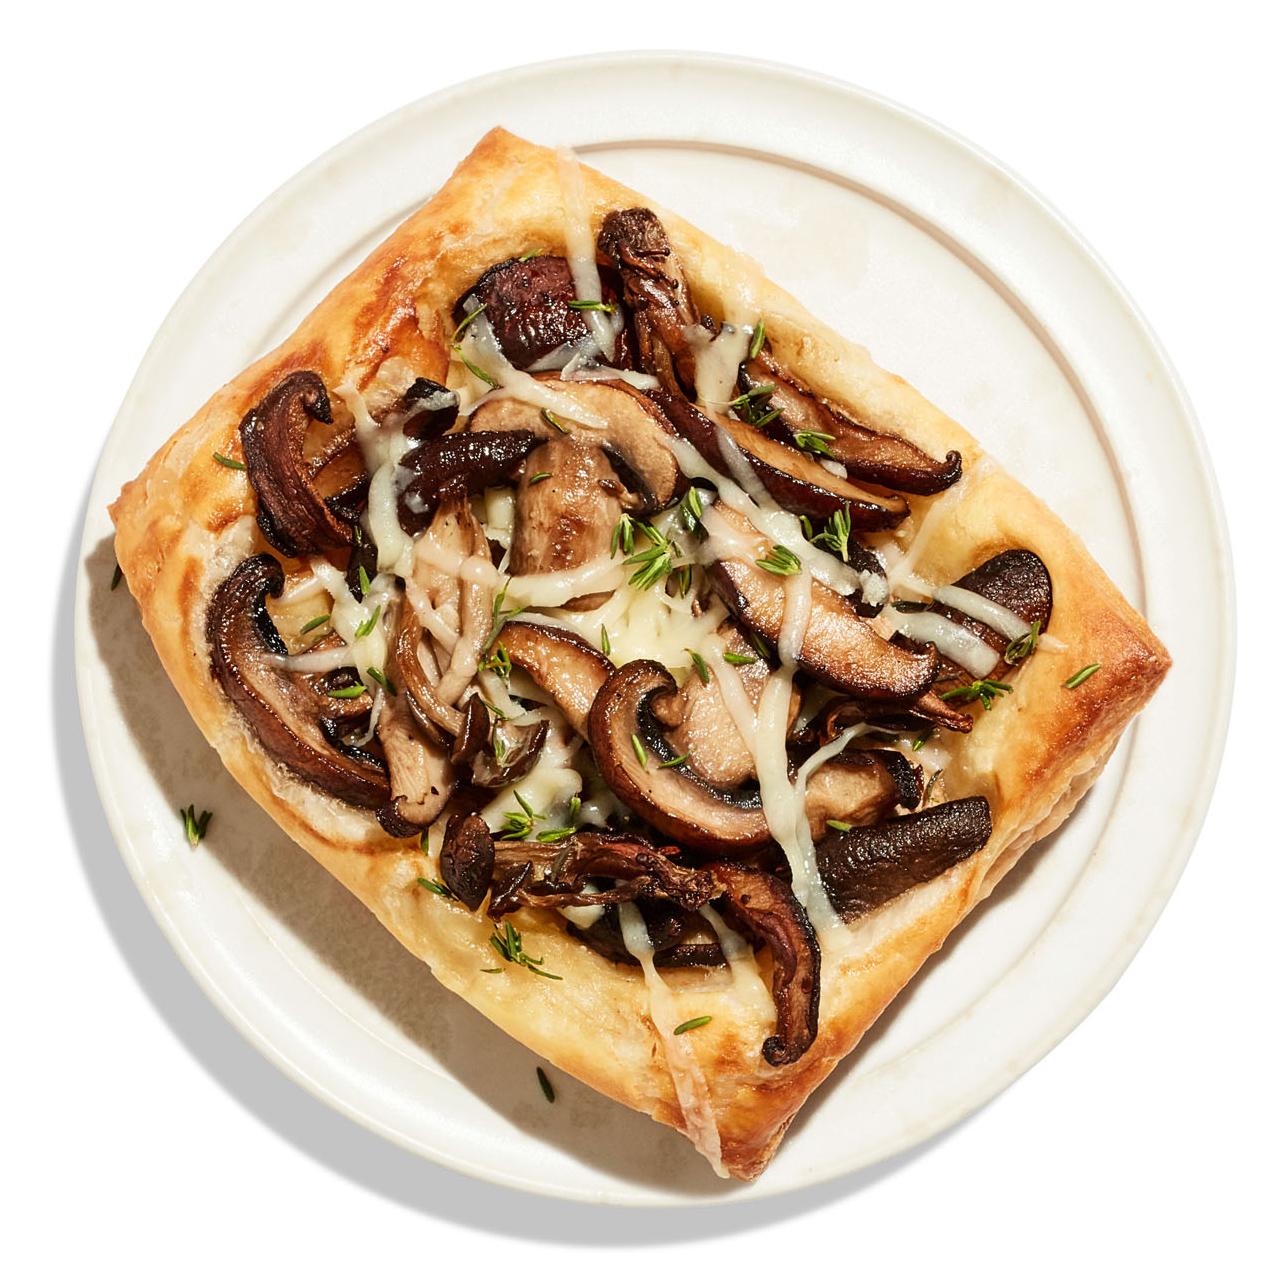 broiled veggie flatbread on plate